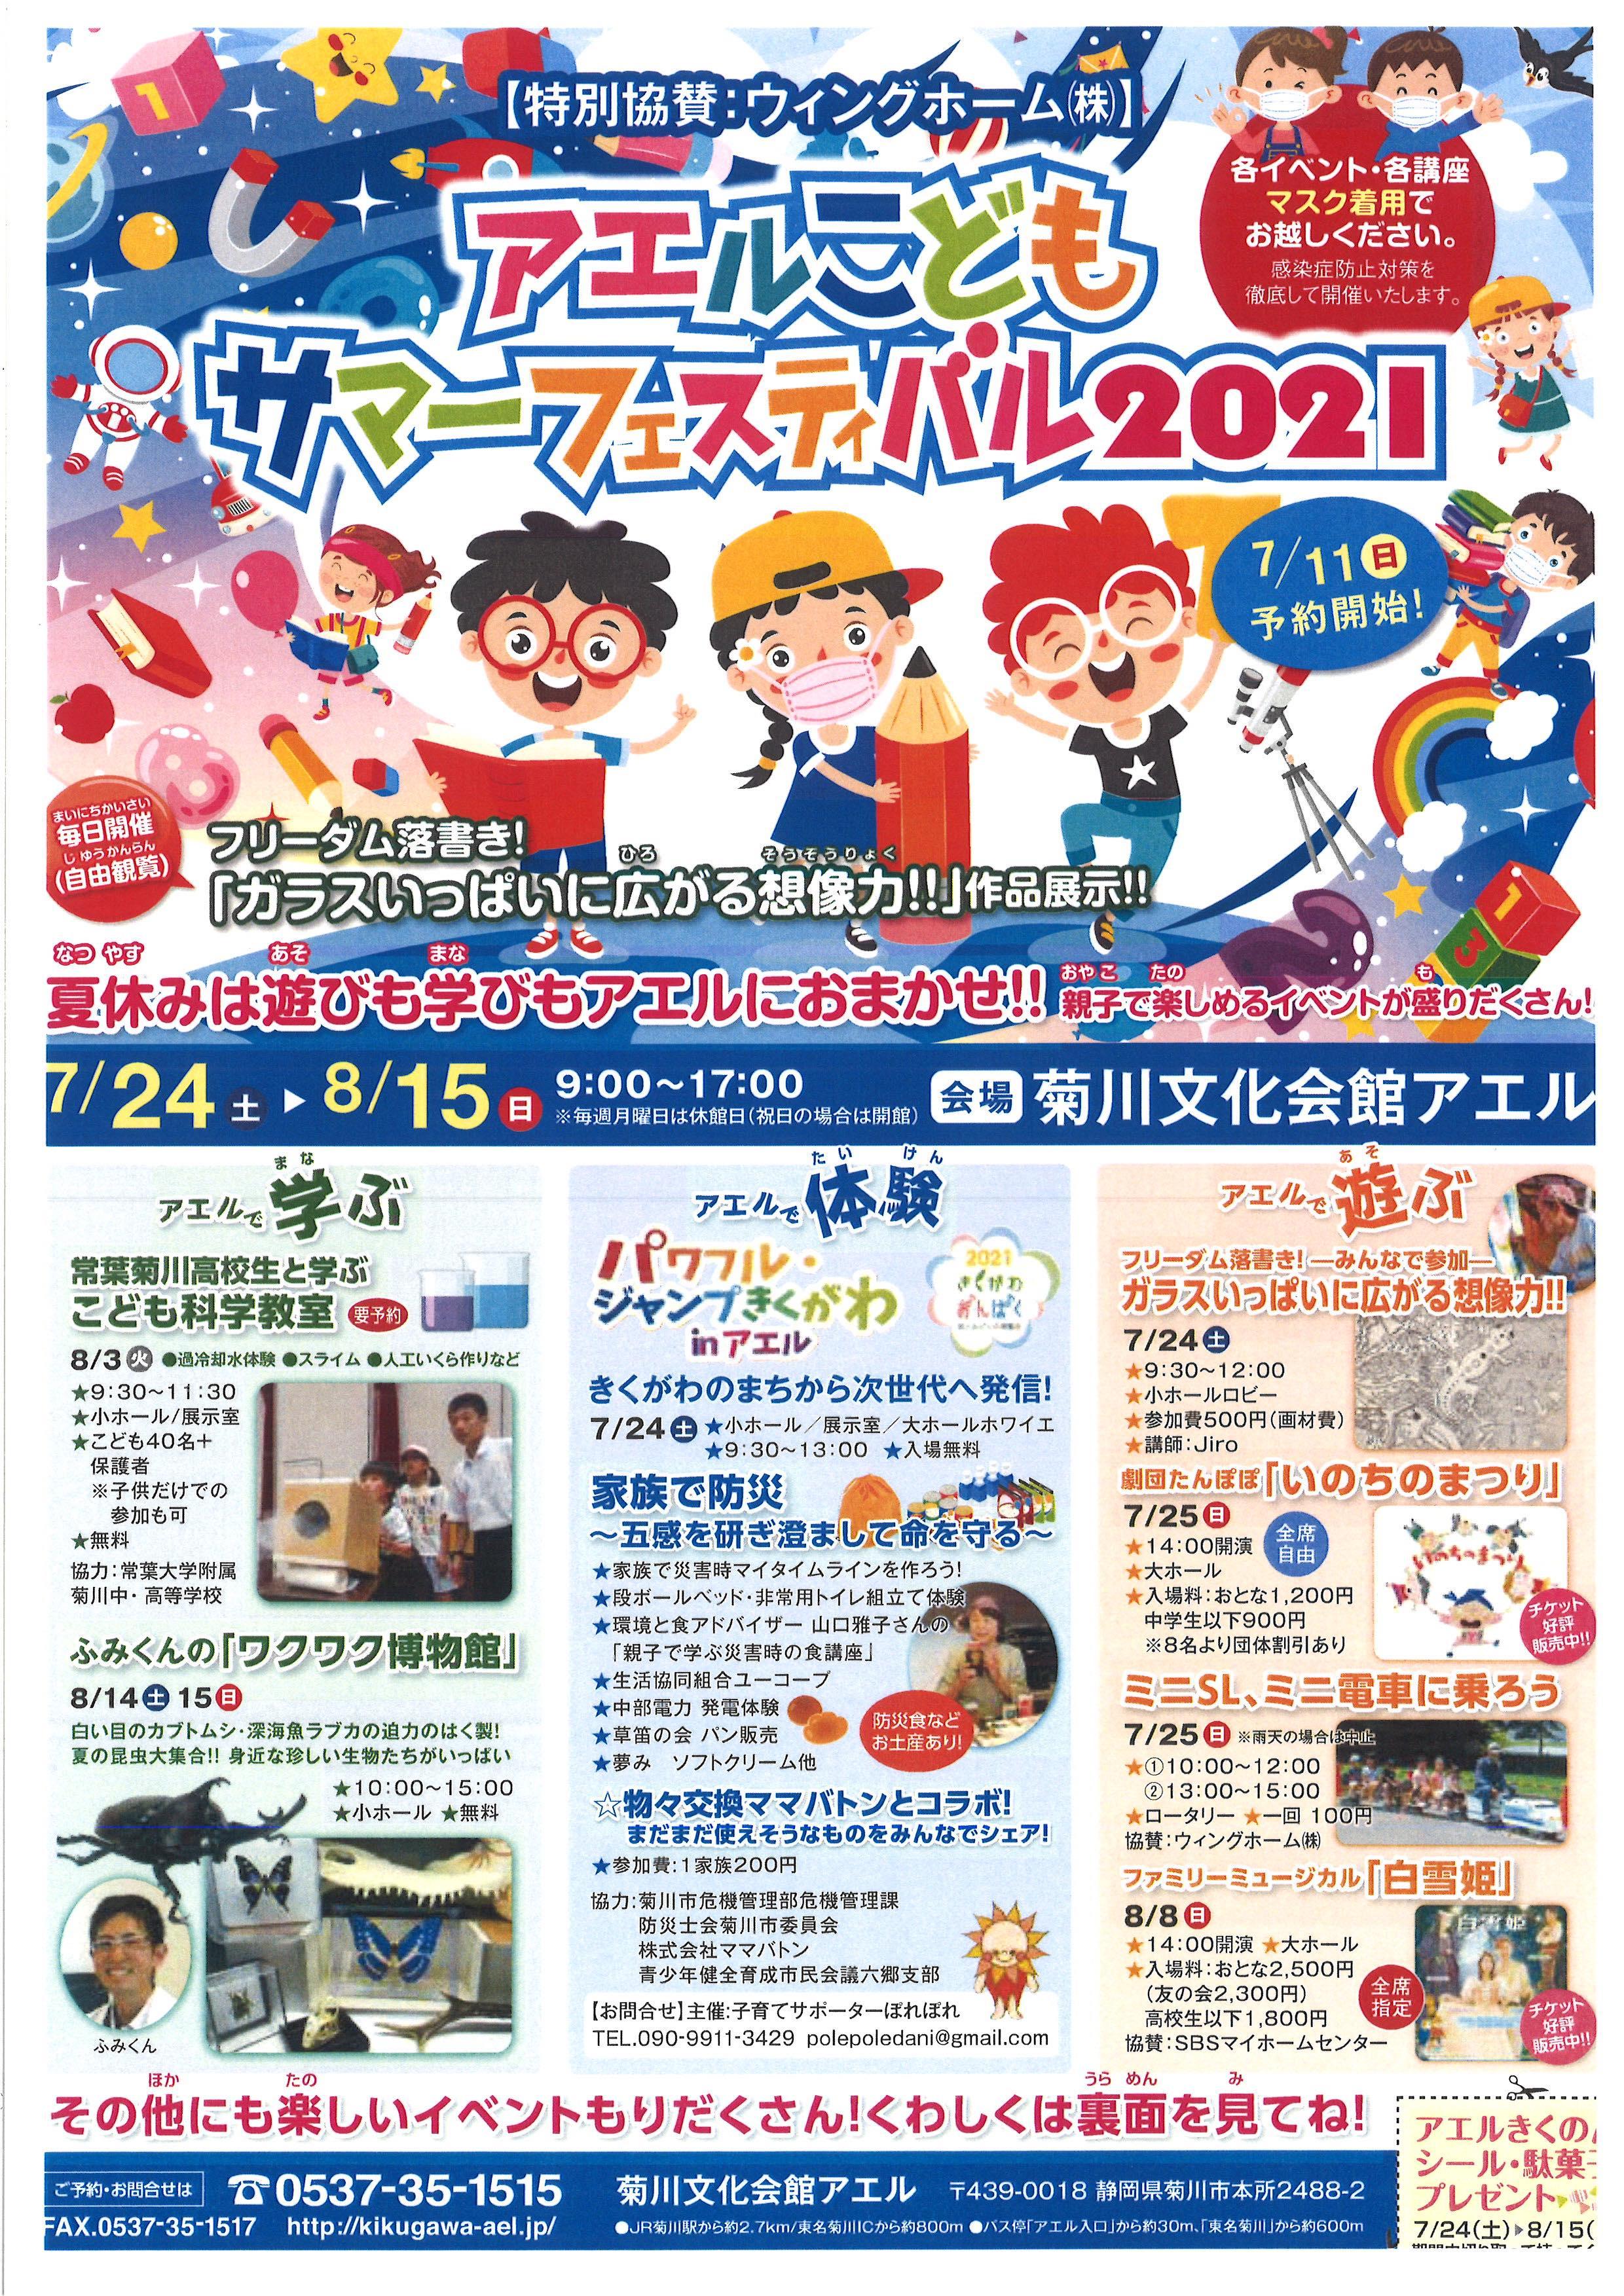 8月14日【 アエルこどもサマーフェスティバル2021】出店します